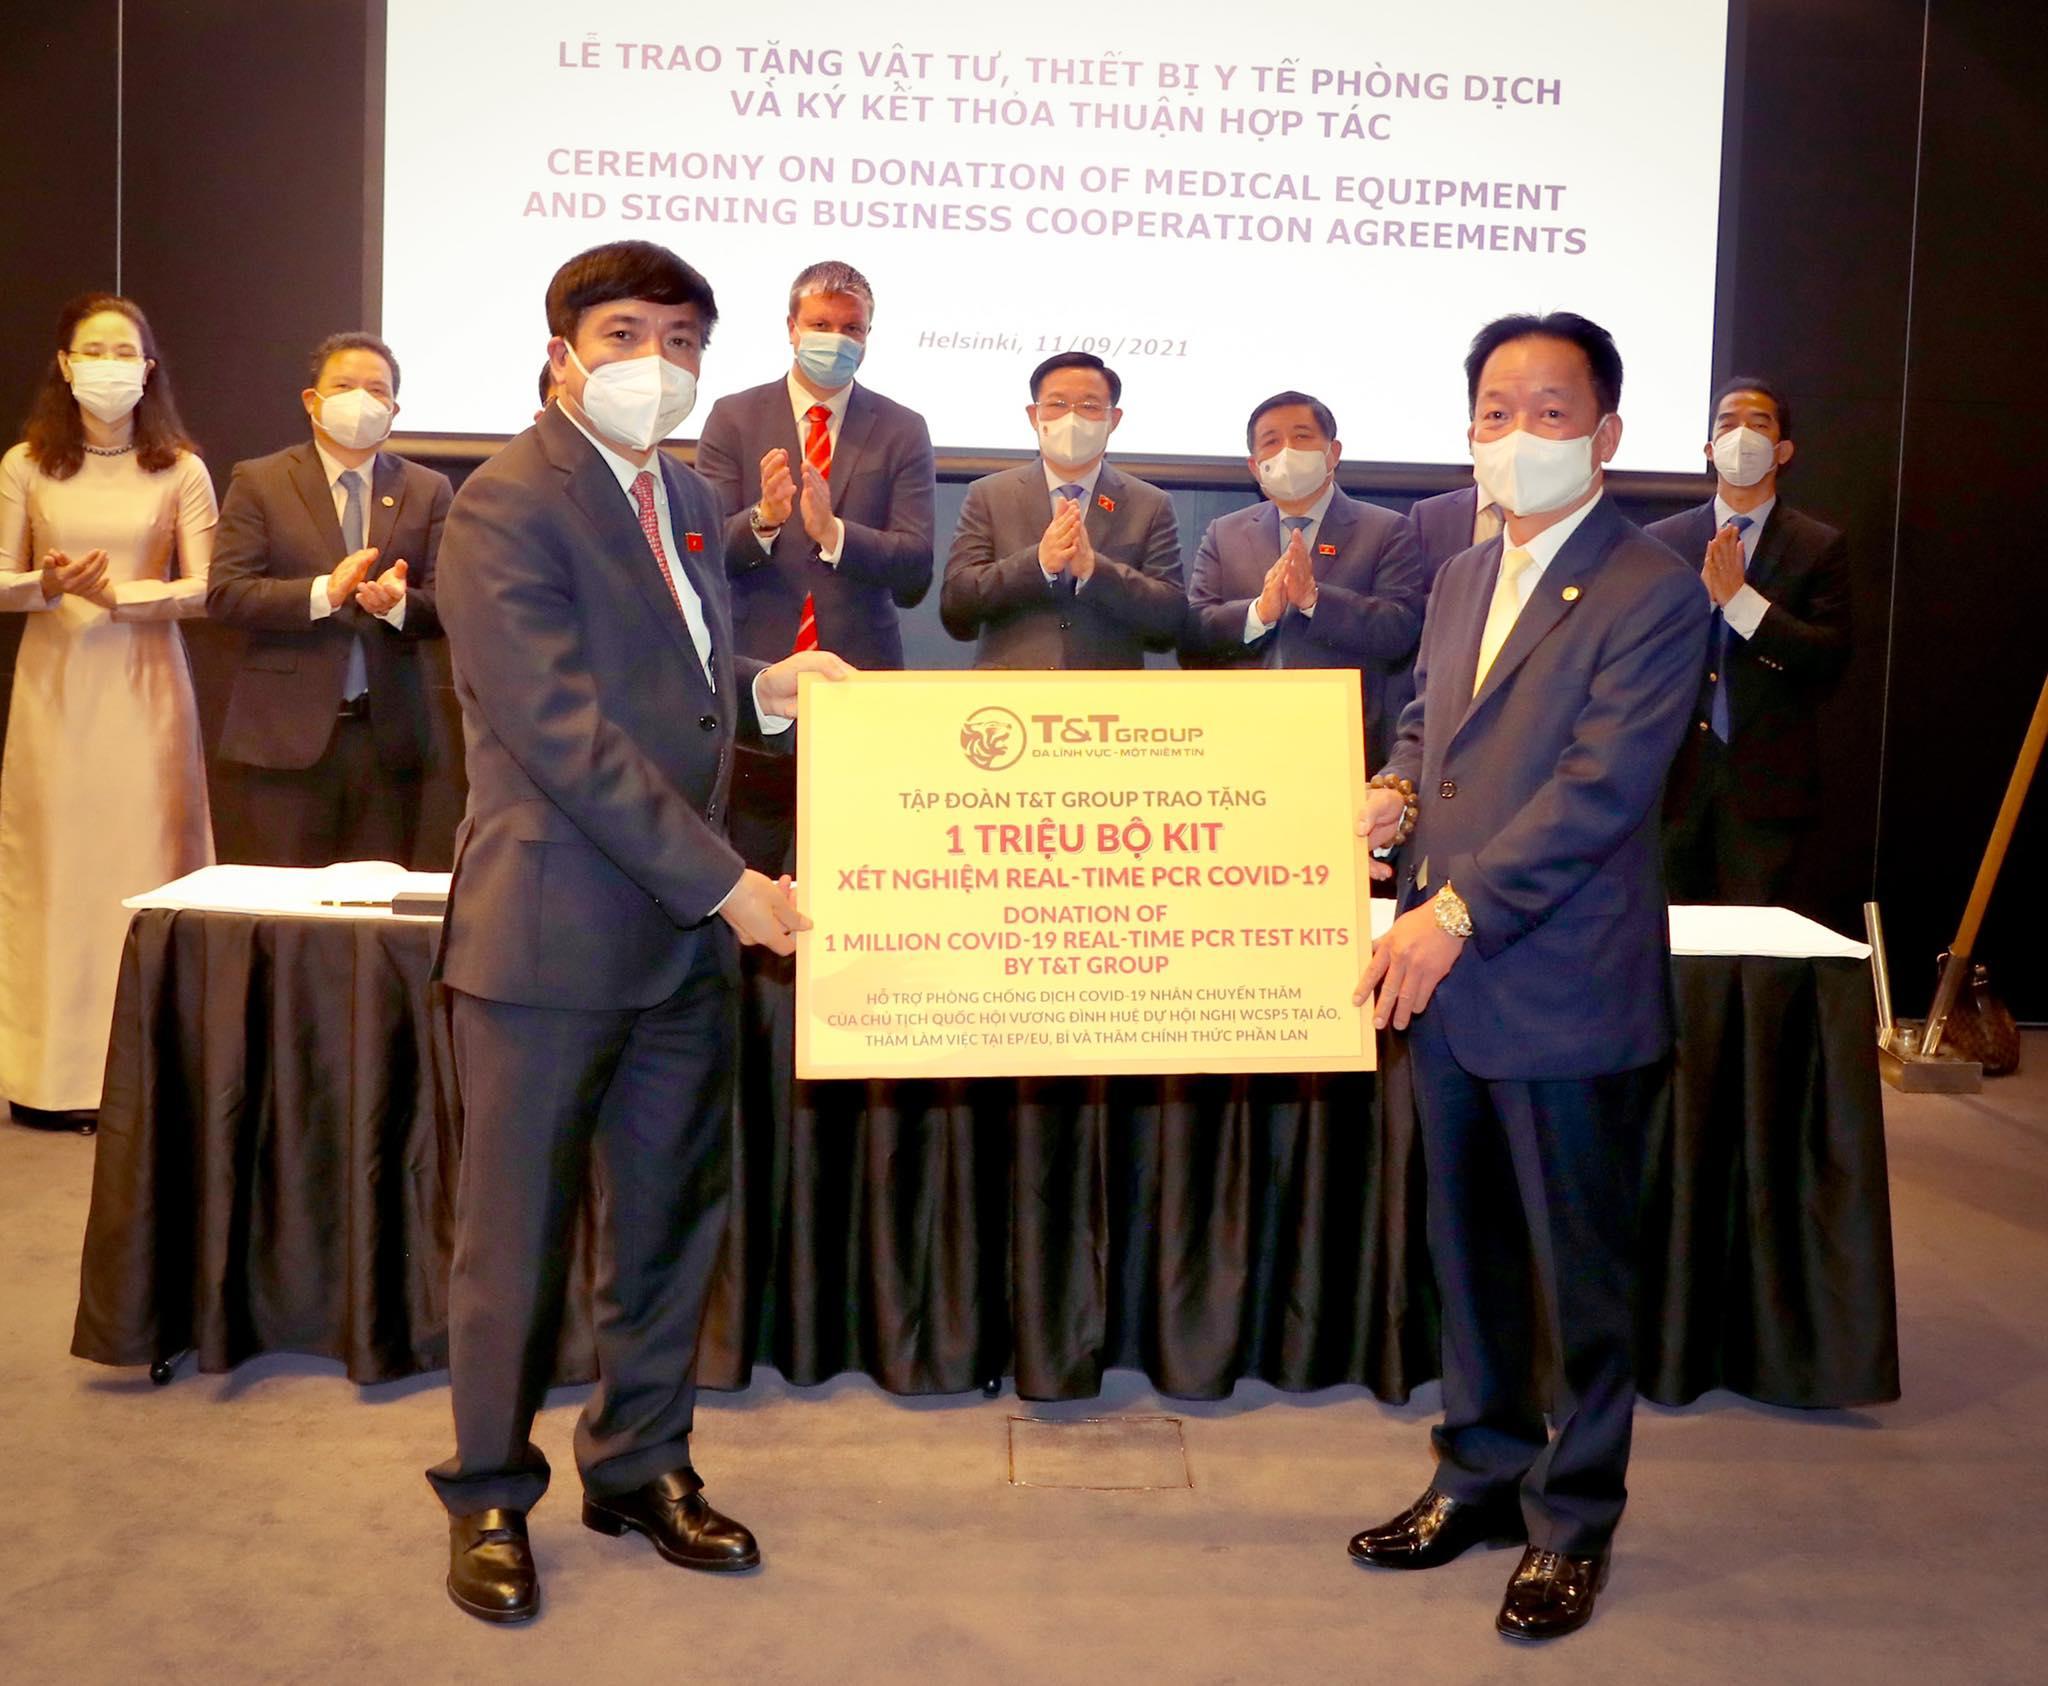 Ông Đỗ Quang Hiển, Chủ tịch Tập đoàn T&T trao tặng 1 triệu bộ Kit xét nghiệm nhân chuyến thăm và làm việc của Chủ tịch Quốc hội Vương Đình Huệ tại EU, Bỉ và thăm chính thức Phần Lan.